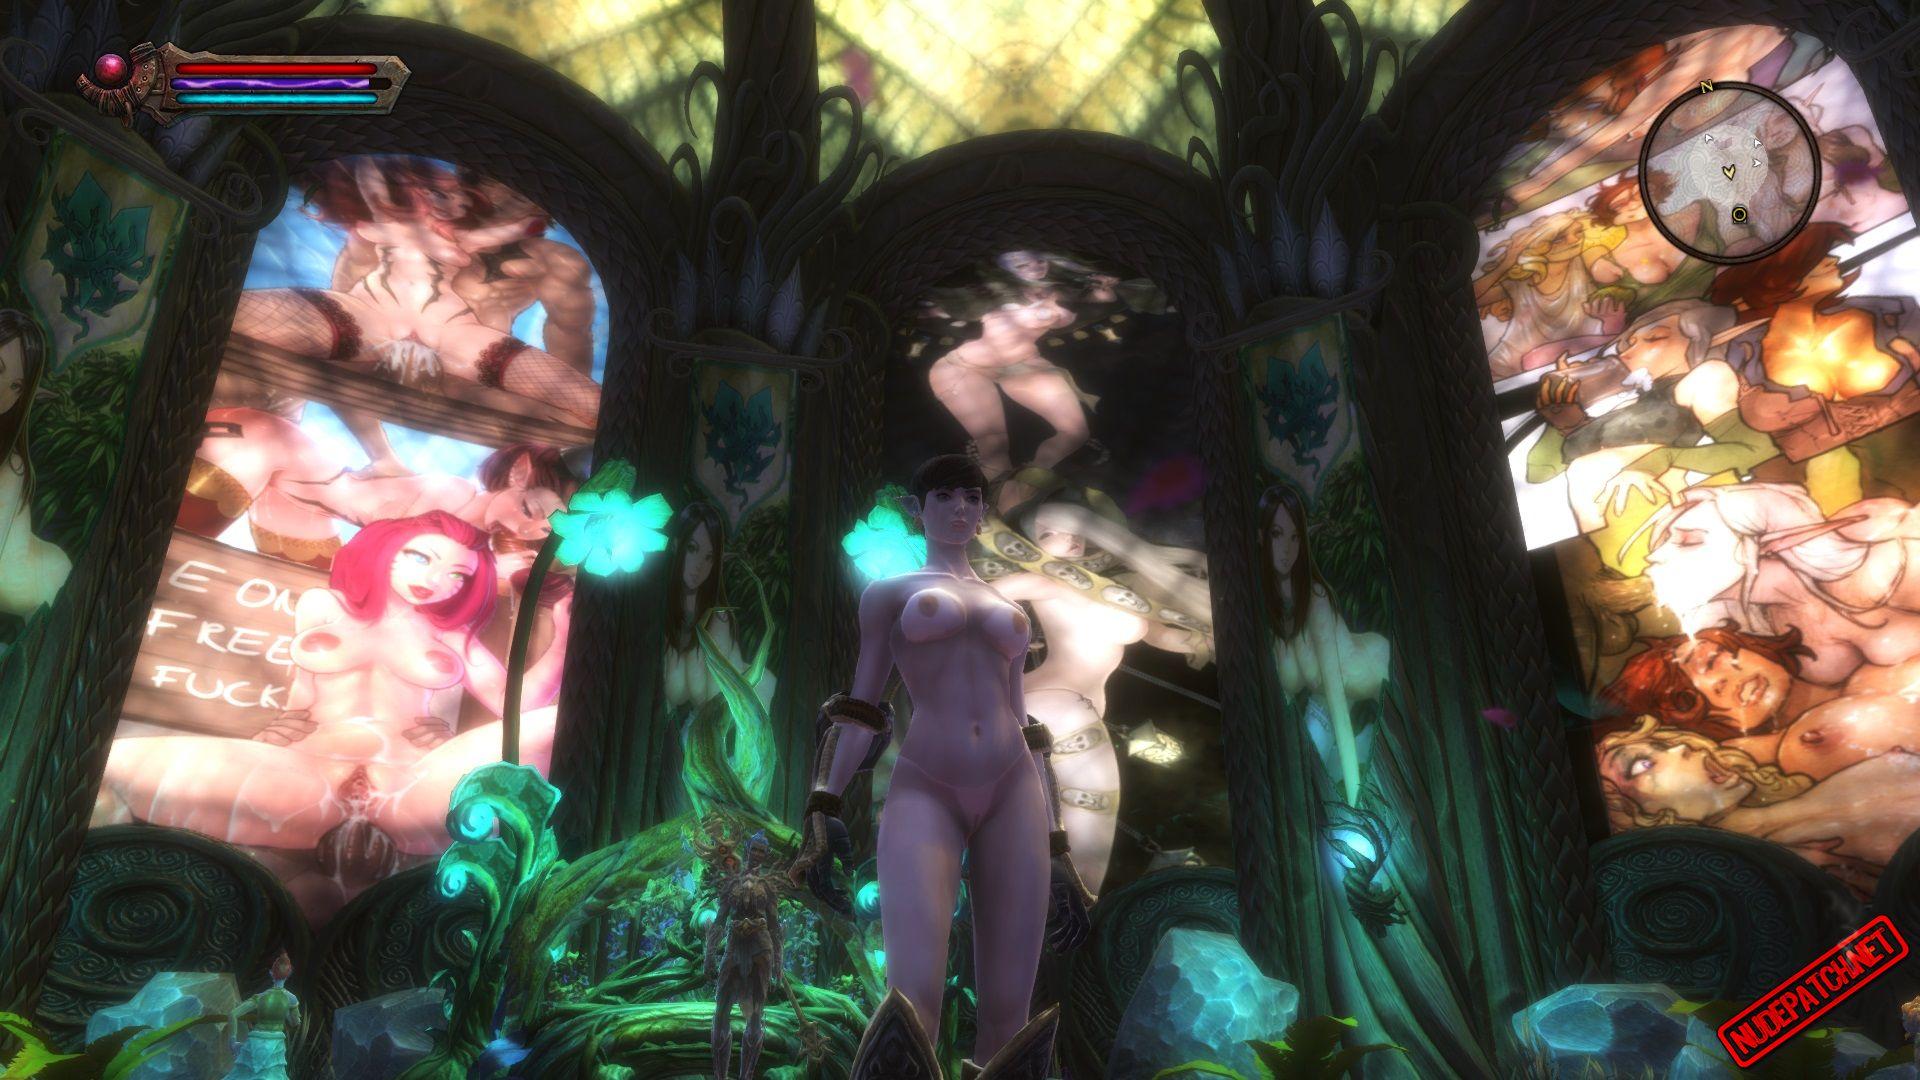 Borderlands Nude Mod Pretty kingdoms of amalur: vitrage nude mod